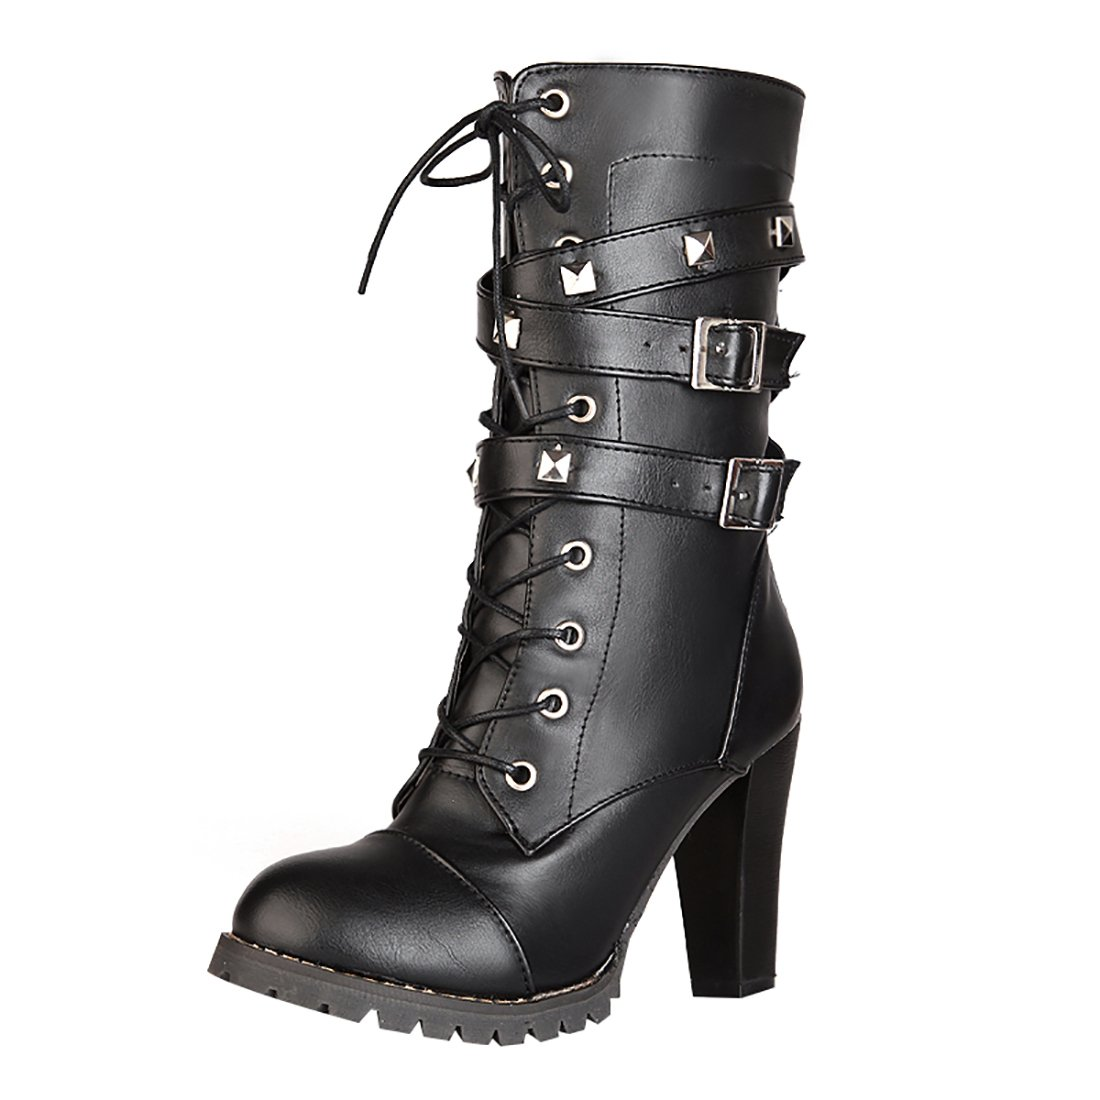 UH Damen Schnür Stiefeletten High Heels Blockabsatz Ankle Boots mit Nieten Reißverschluss und Schnalle Schuhe  35 EU|Schwarz